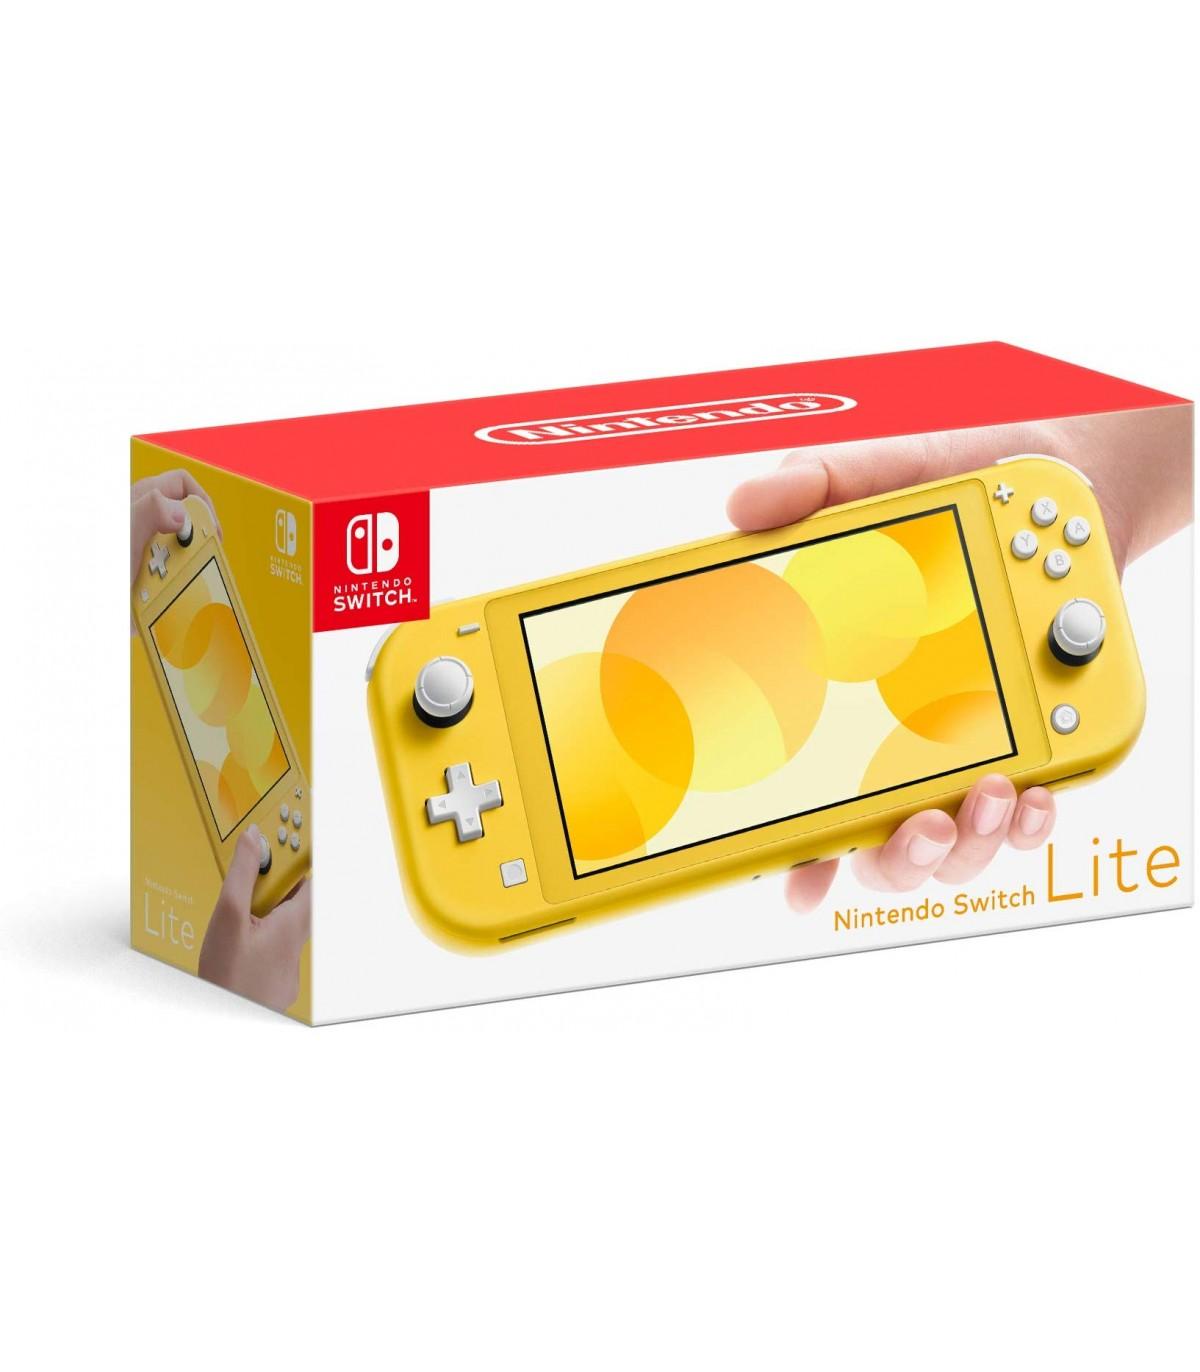 کنسول بازی نینتندو سوییچ لایت Nintendo Switch Lite - کارکرده